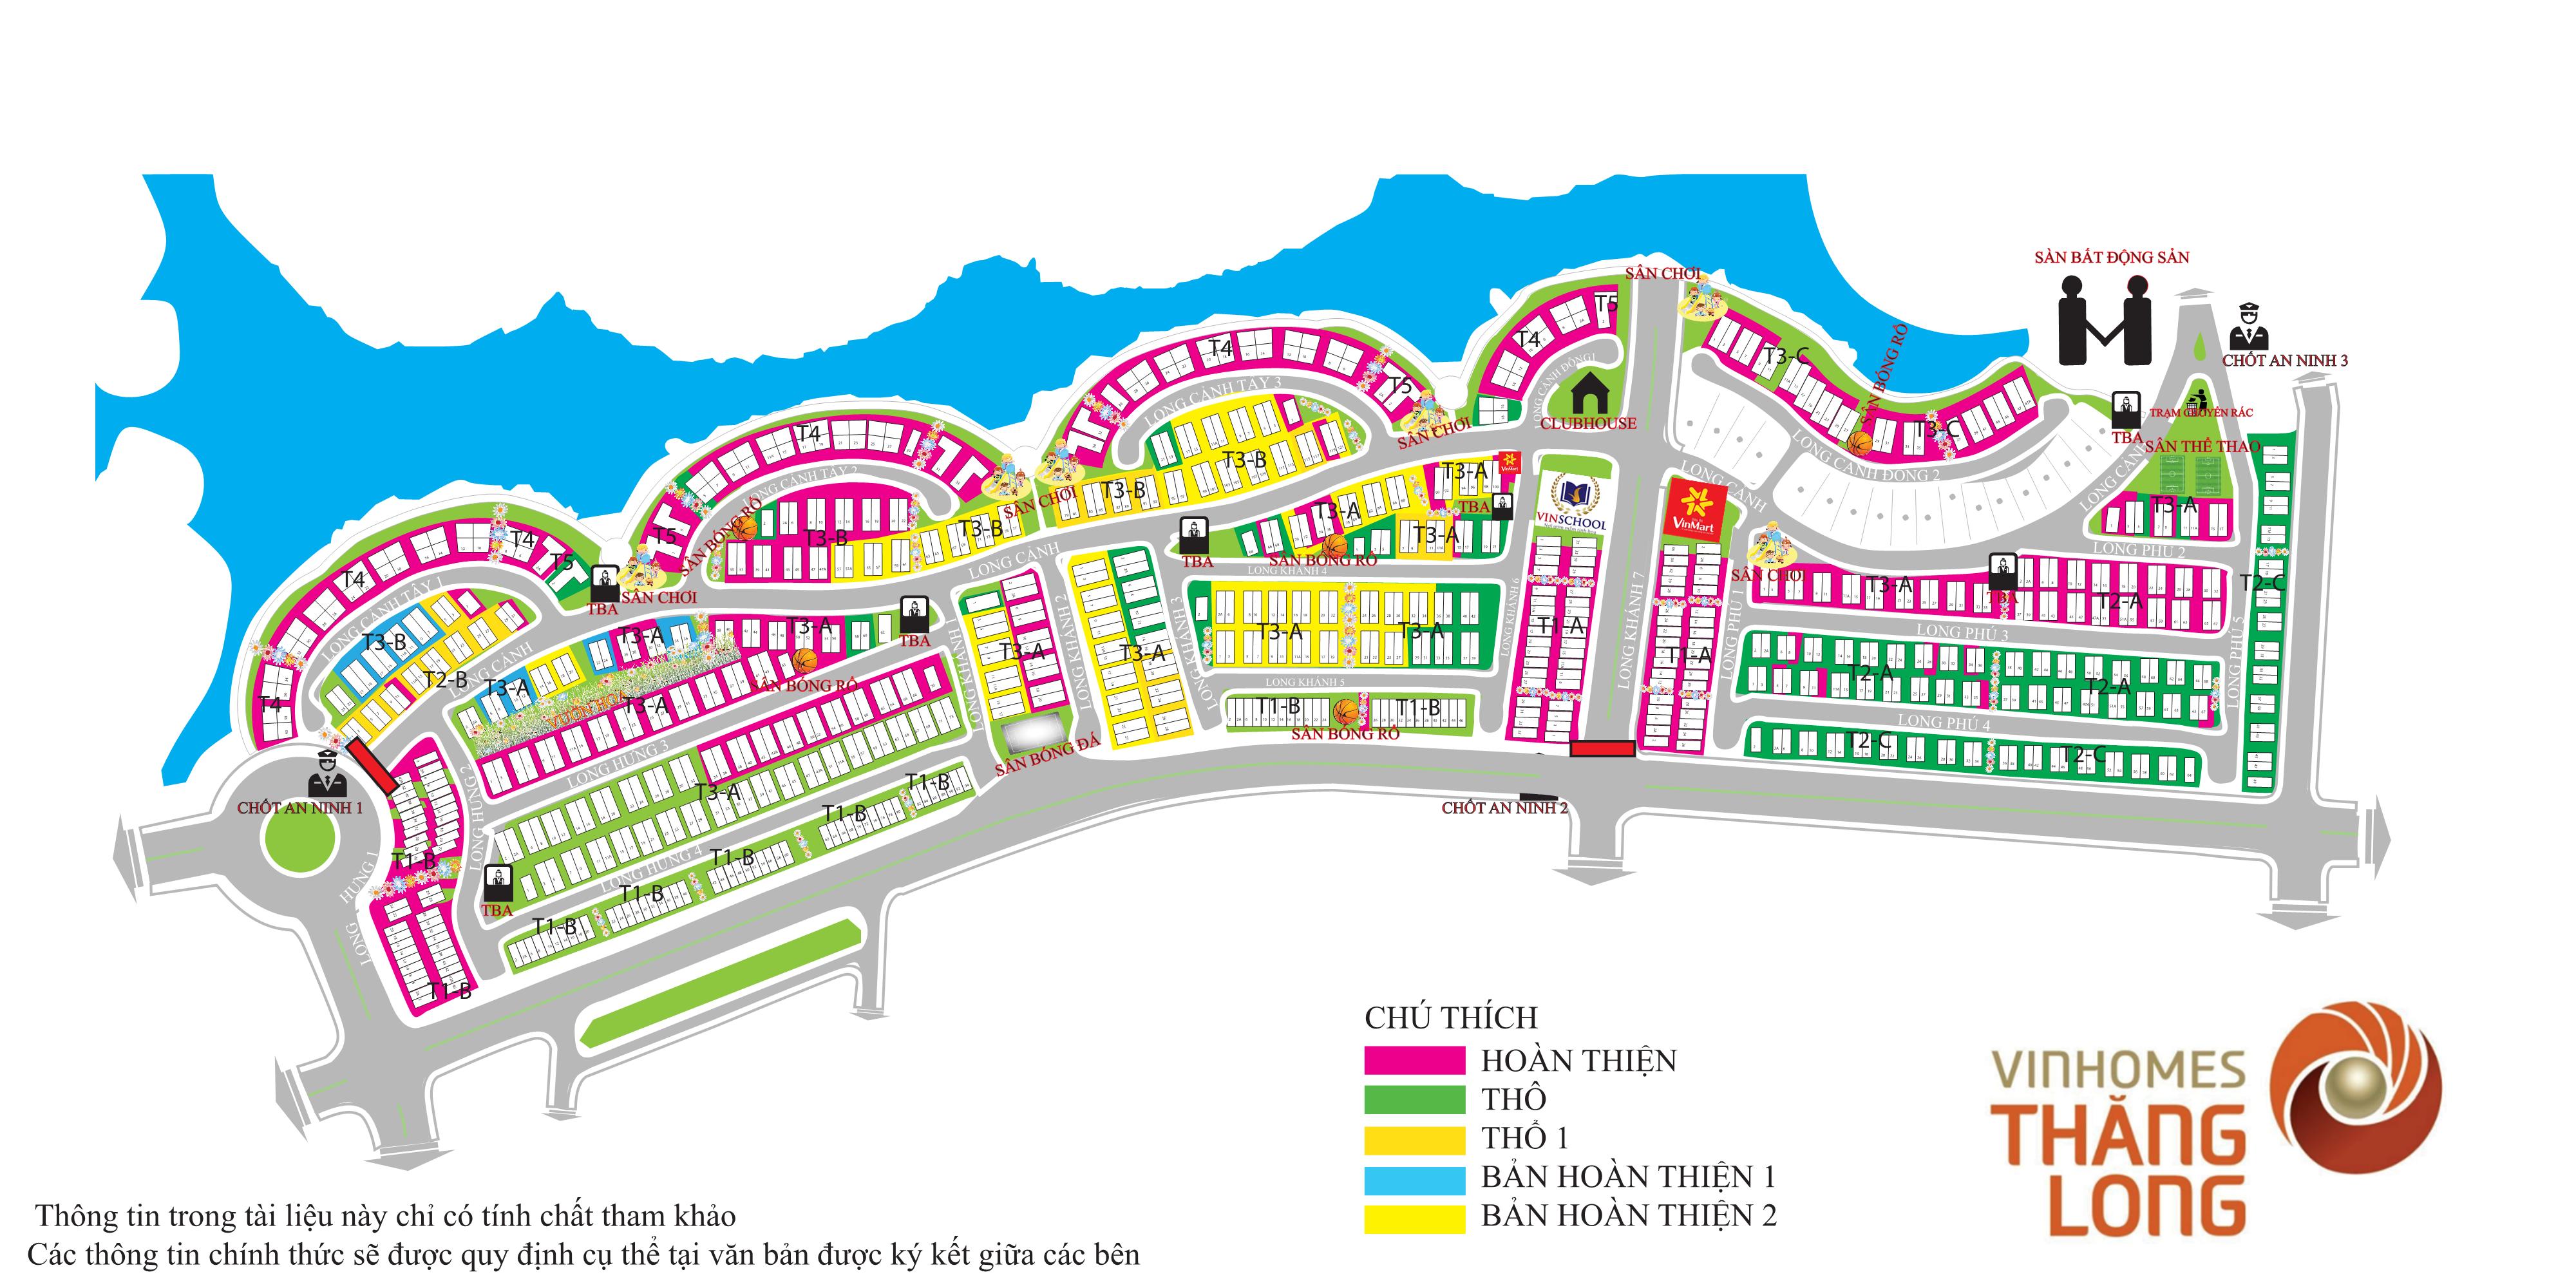 Vinhomes Thăng Long - Bản đồ tổng thể